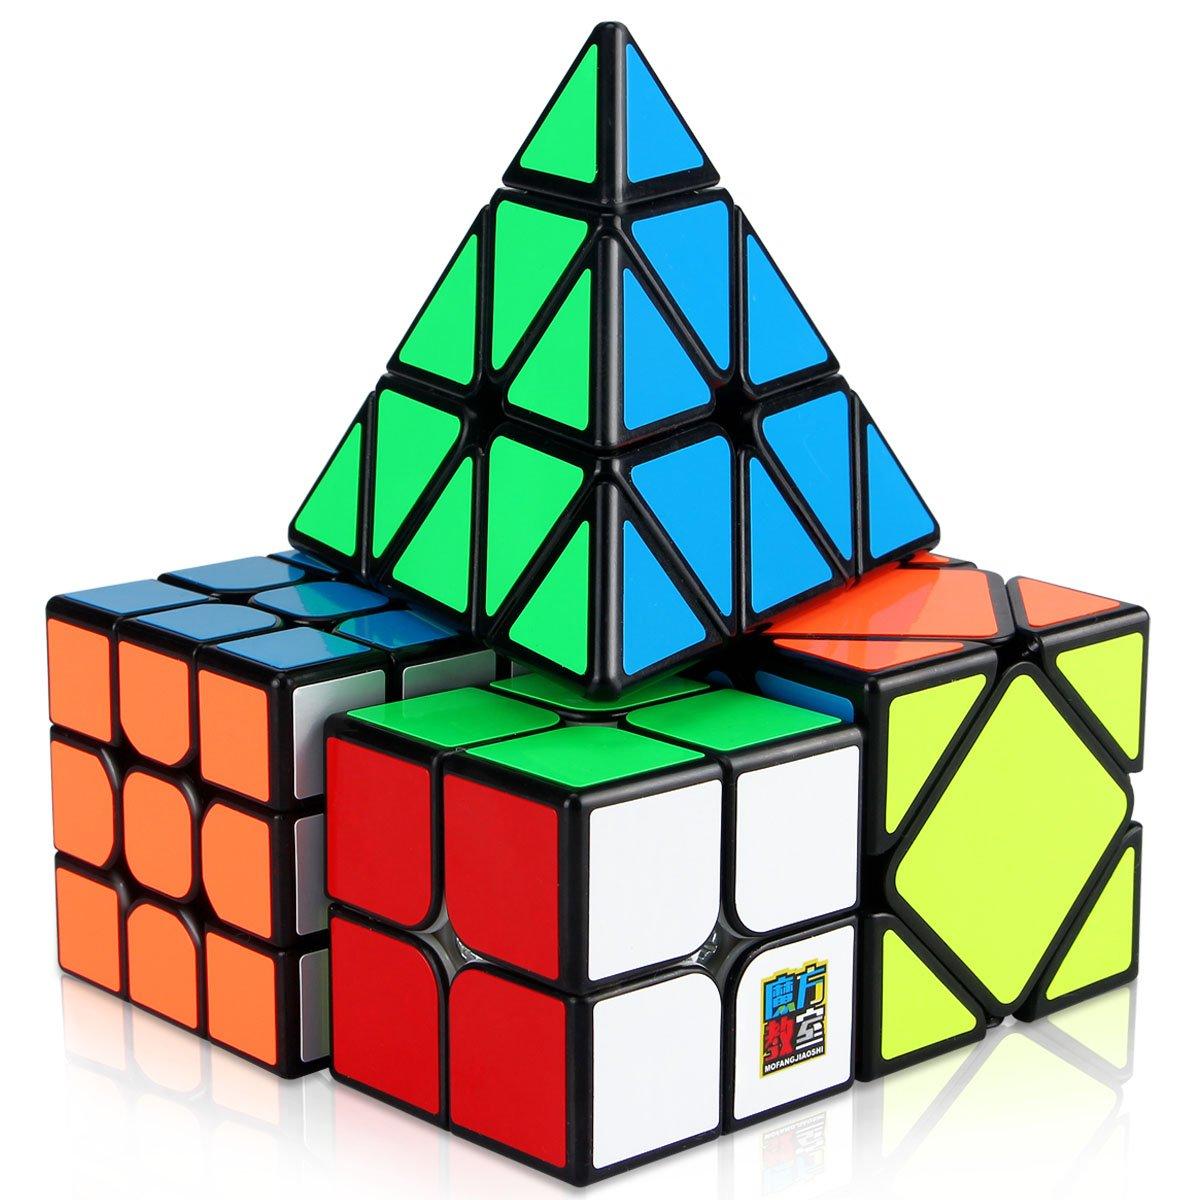 Buy Rubik Cube Now!